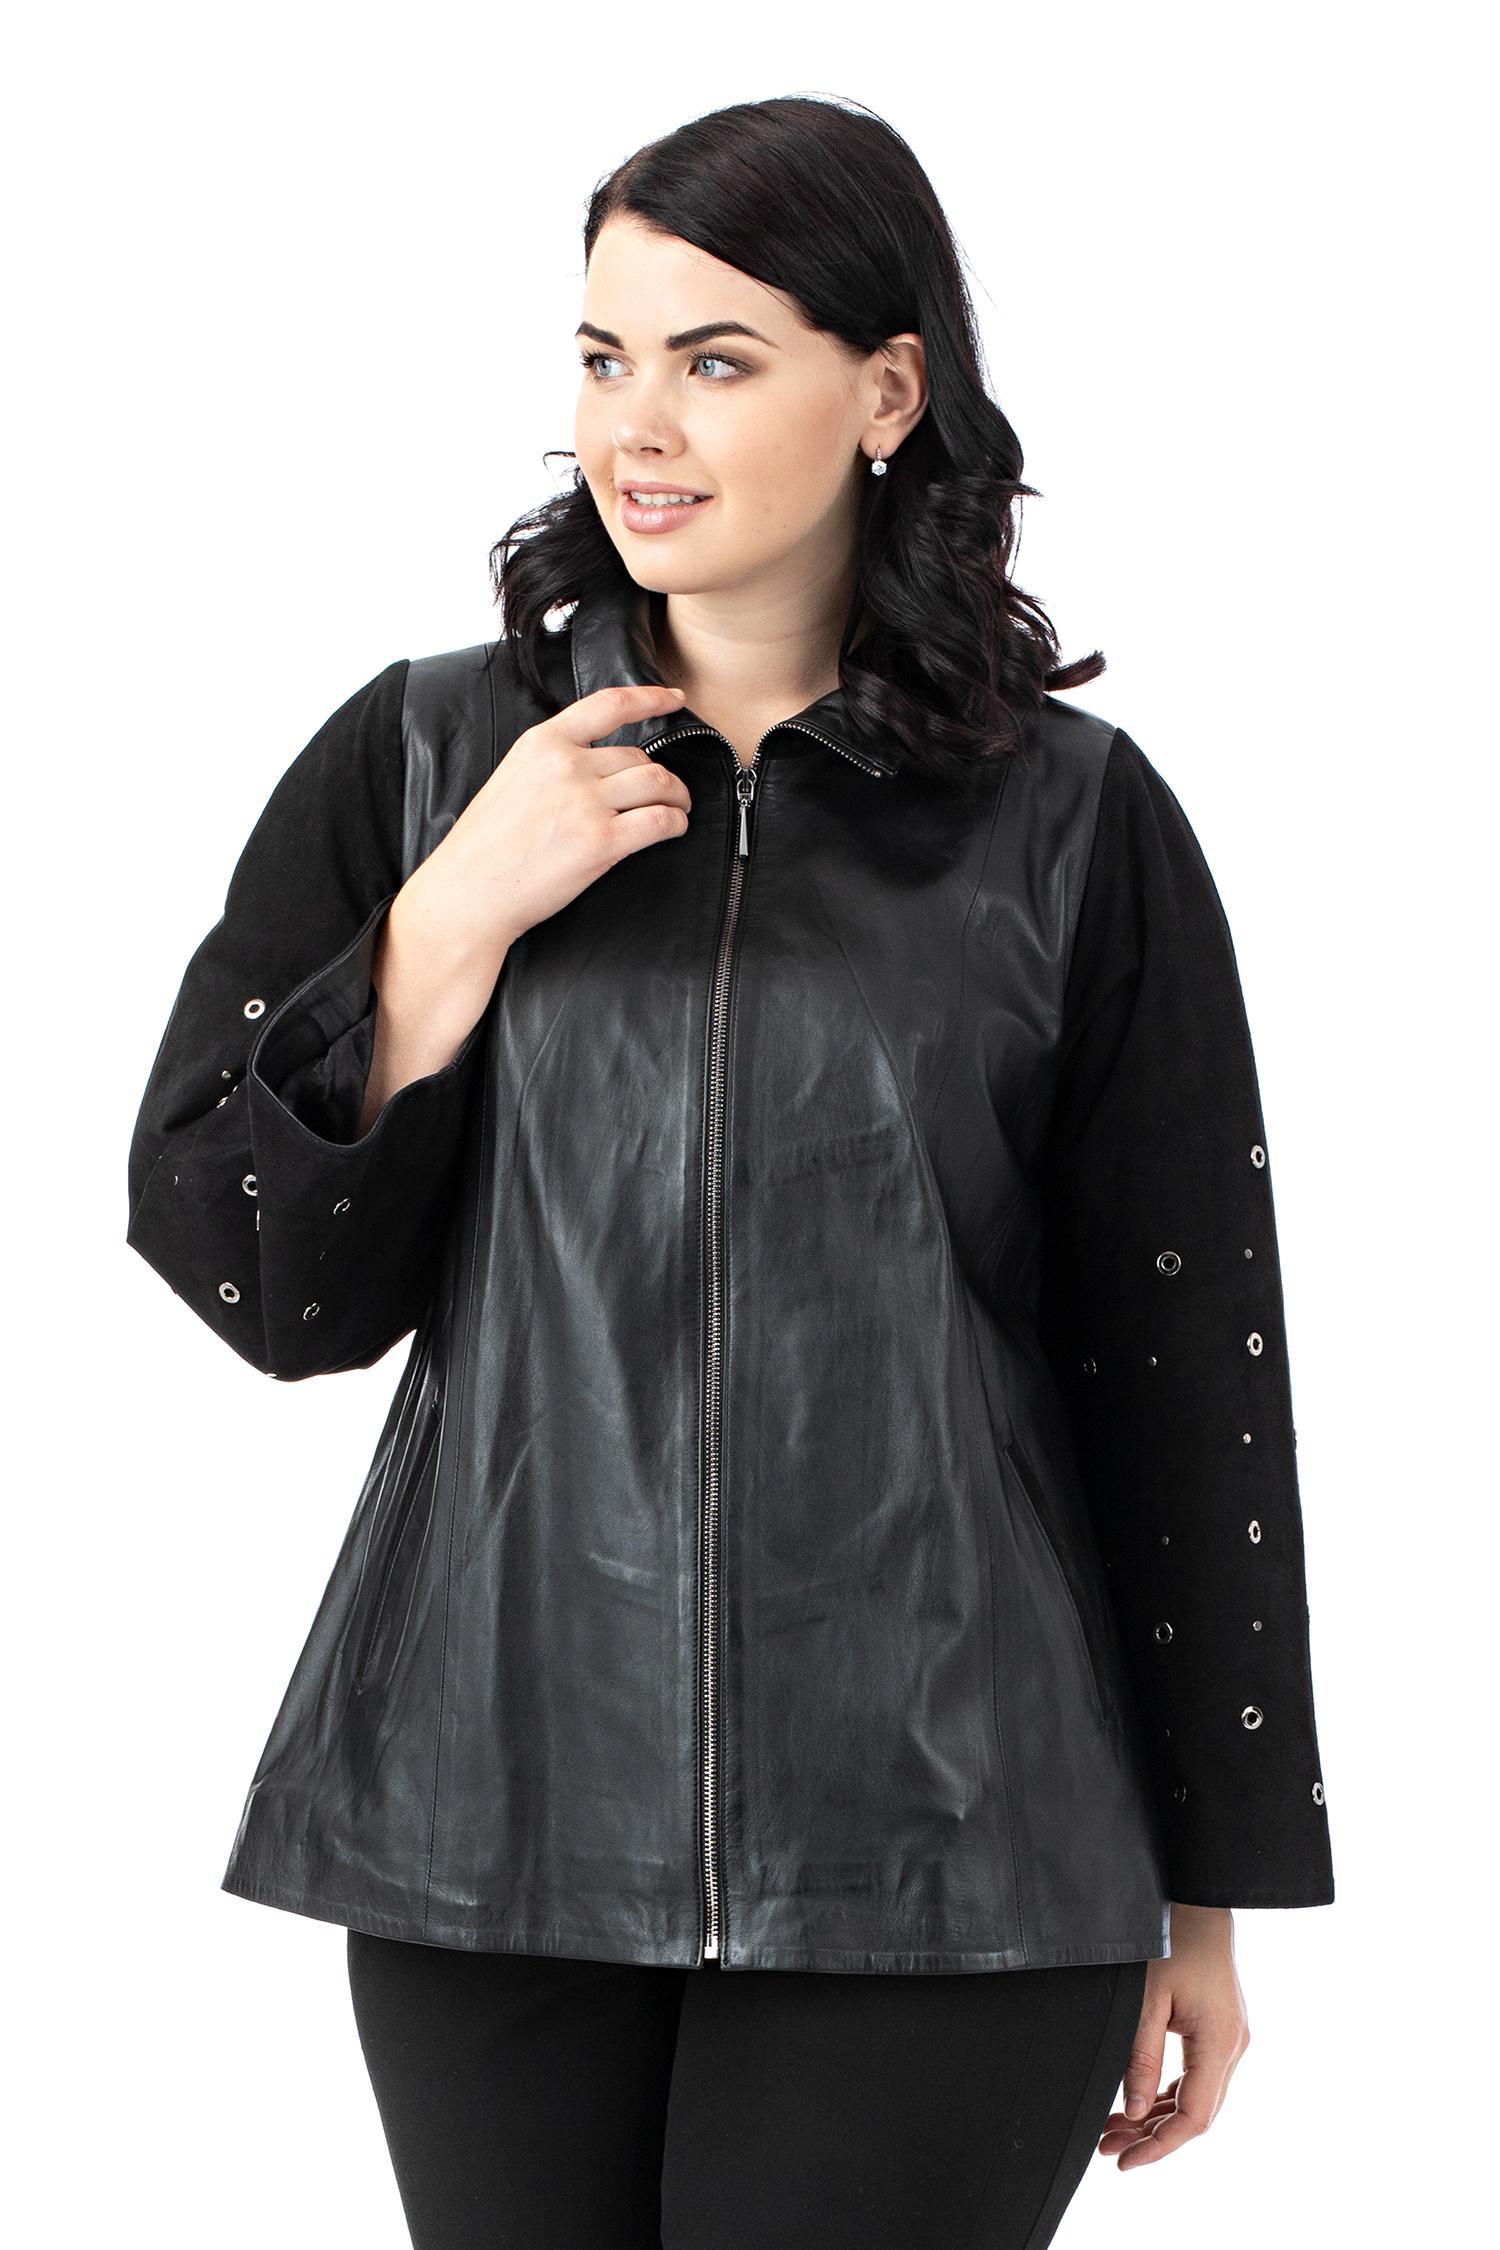 Женская кожаная куртка из натуральной кожи с воротником, отделка замша МОСМЕХА